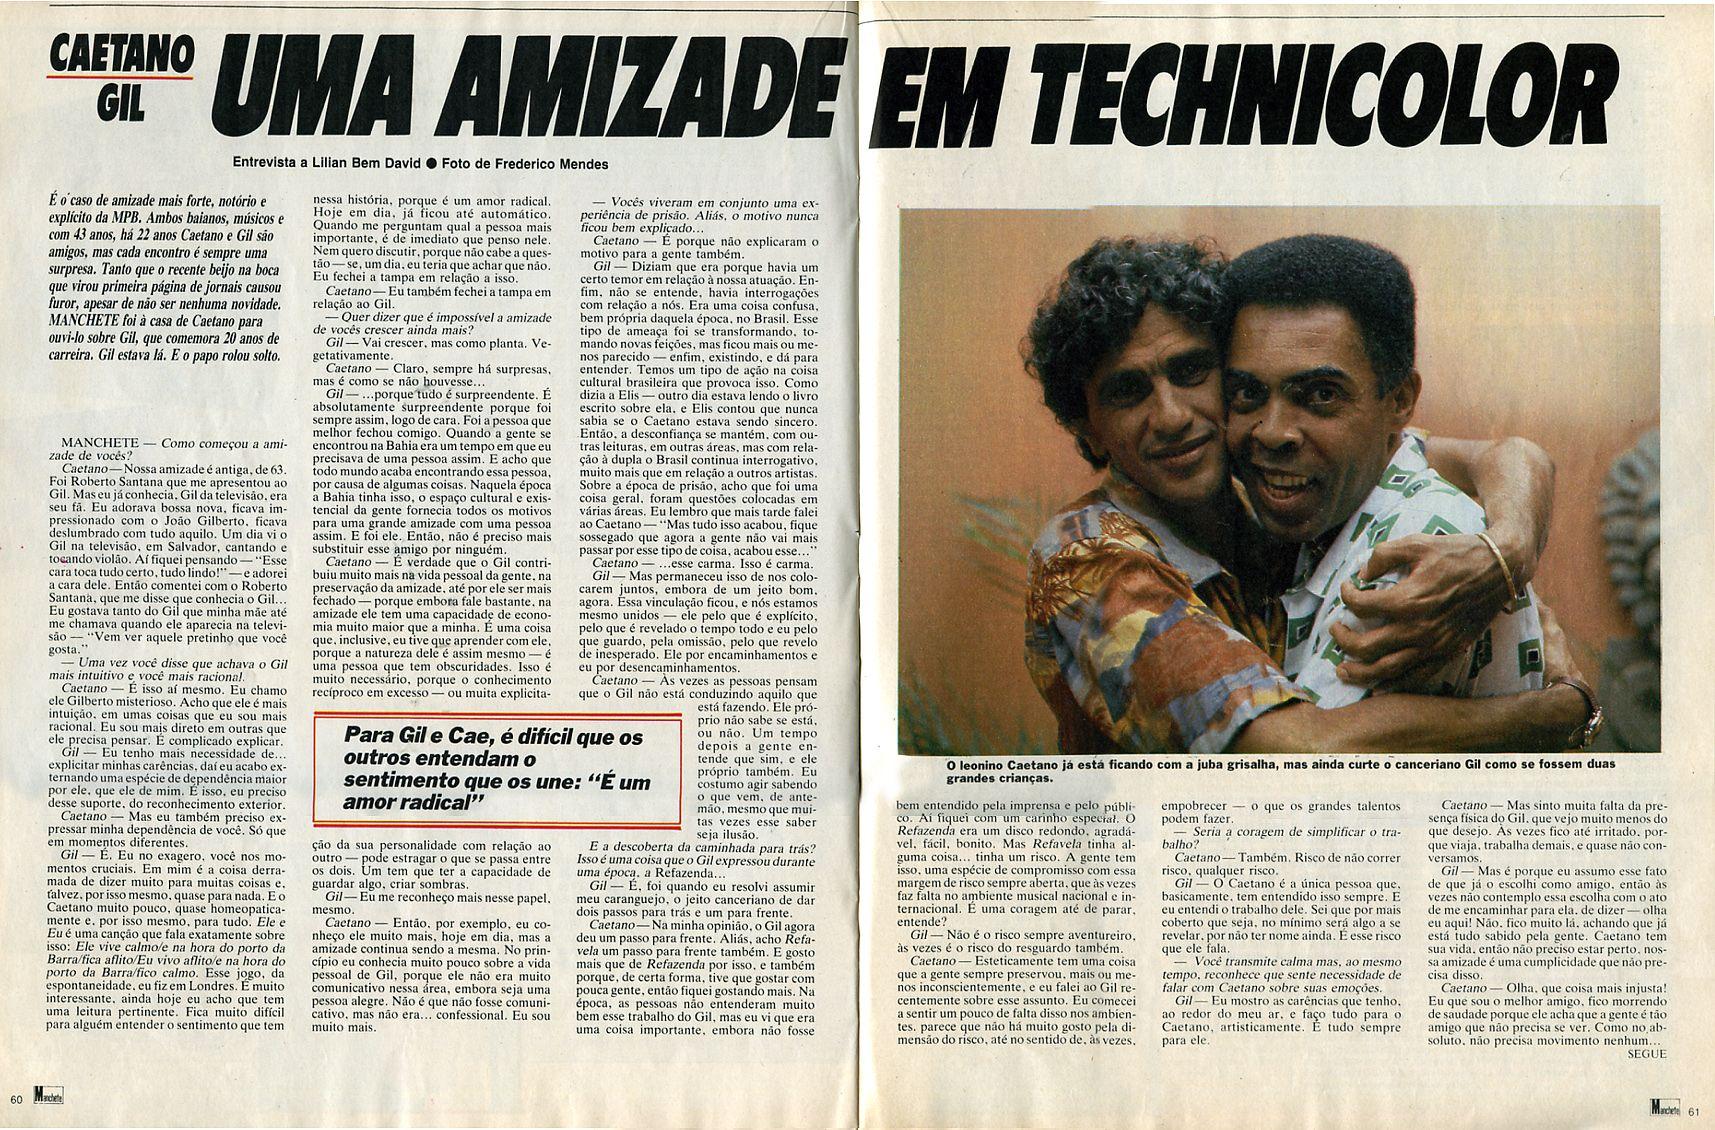 """""""Caetano-Gil - Uma Amizade em Technicolor"""" - entrevista na revista """"Manchete"""" de 1986 - página 1/2."""